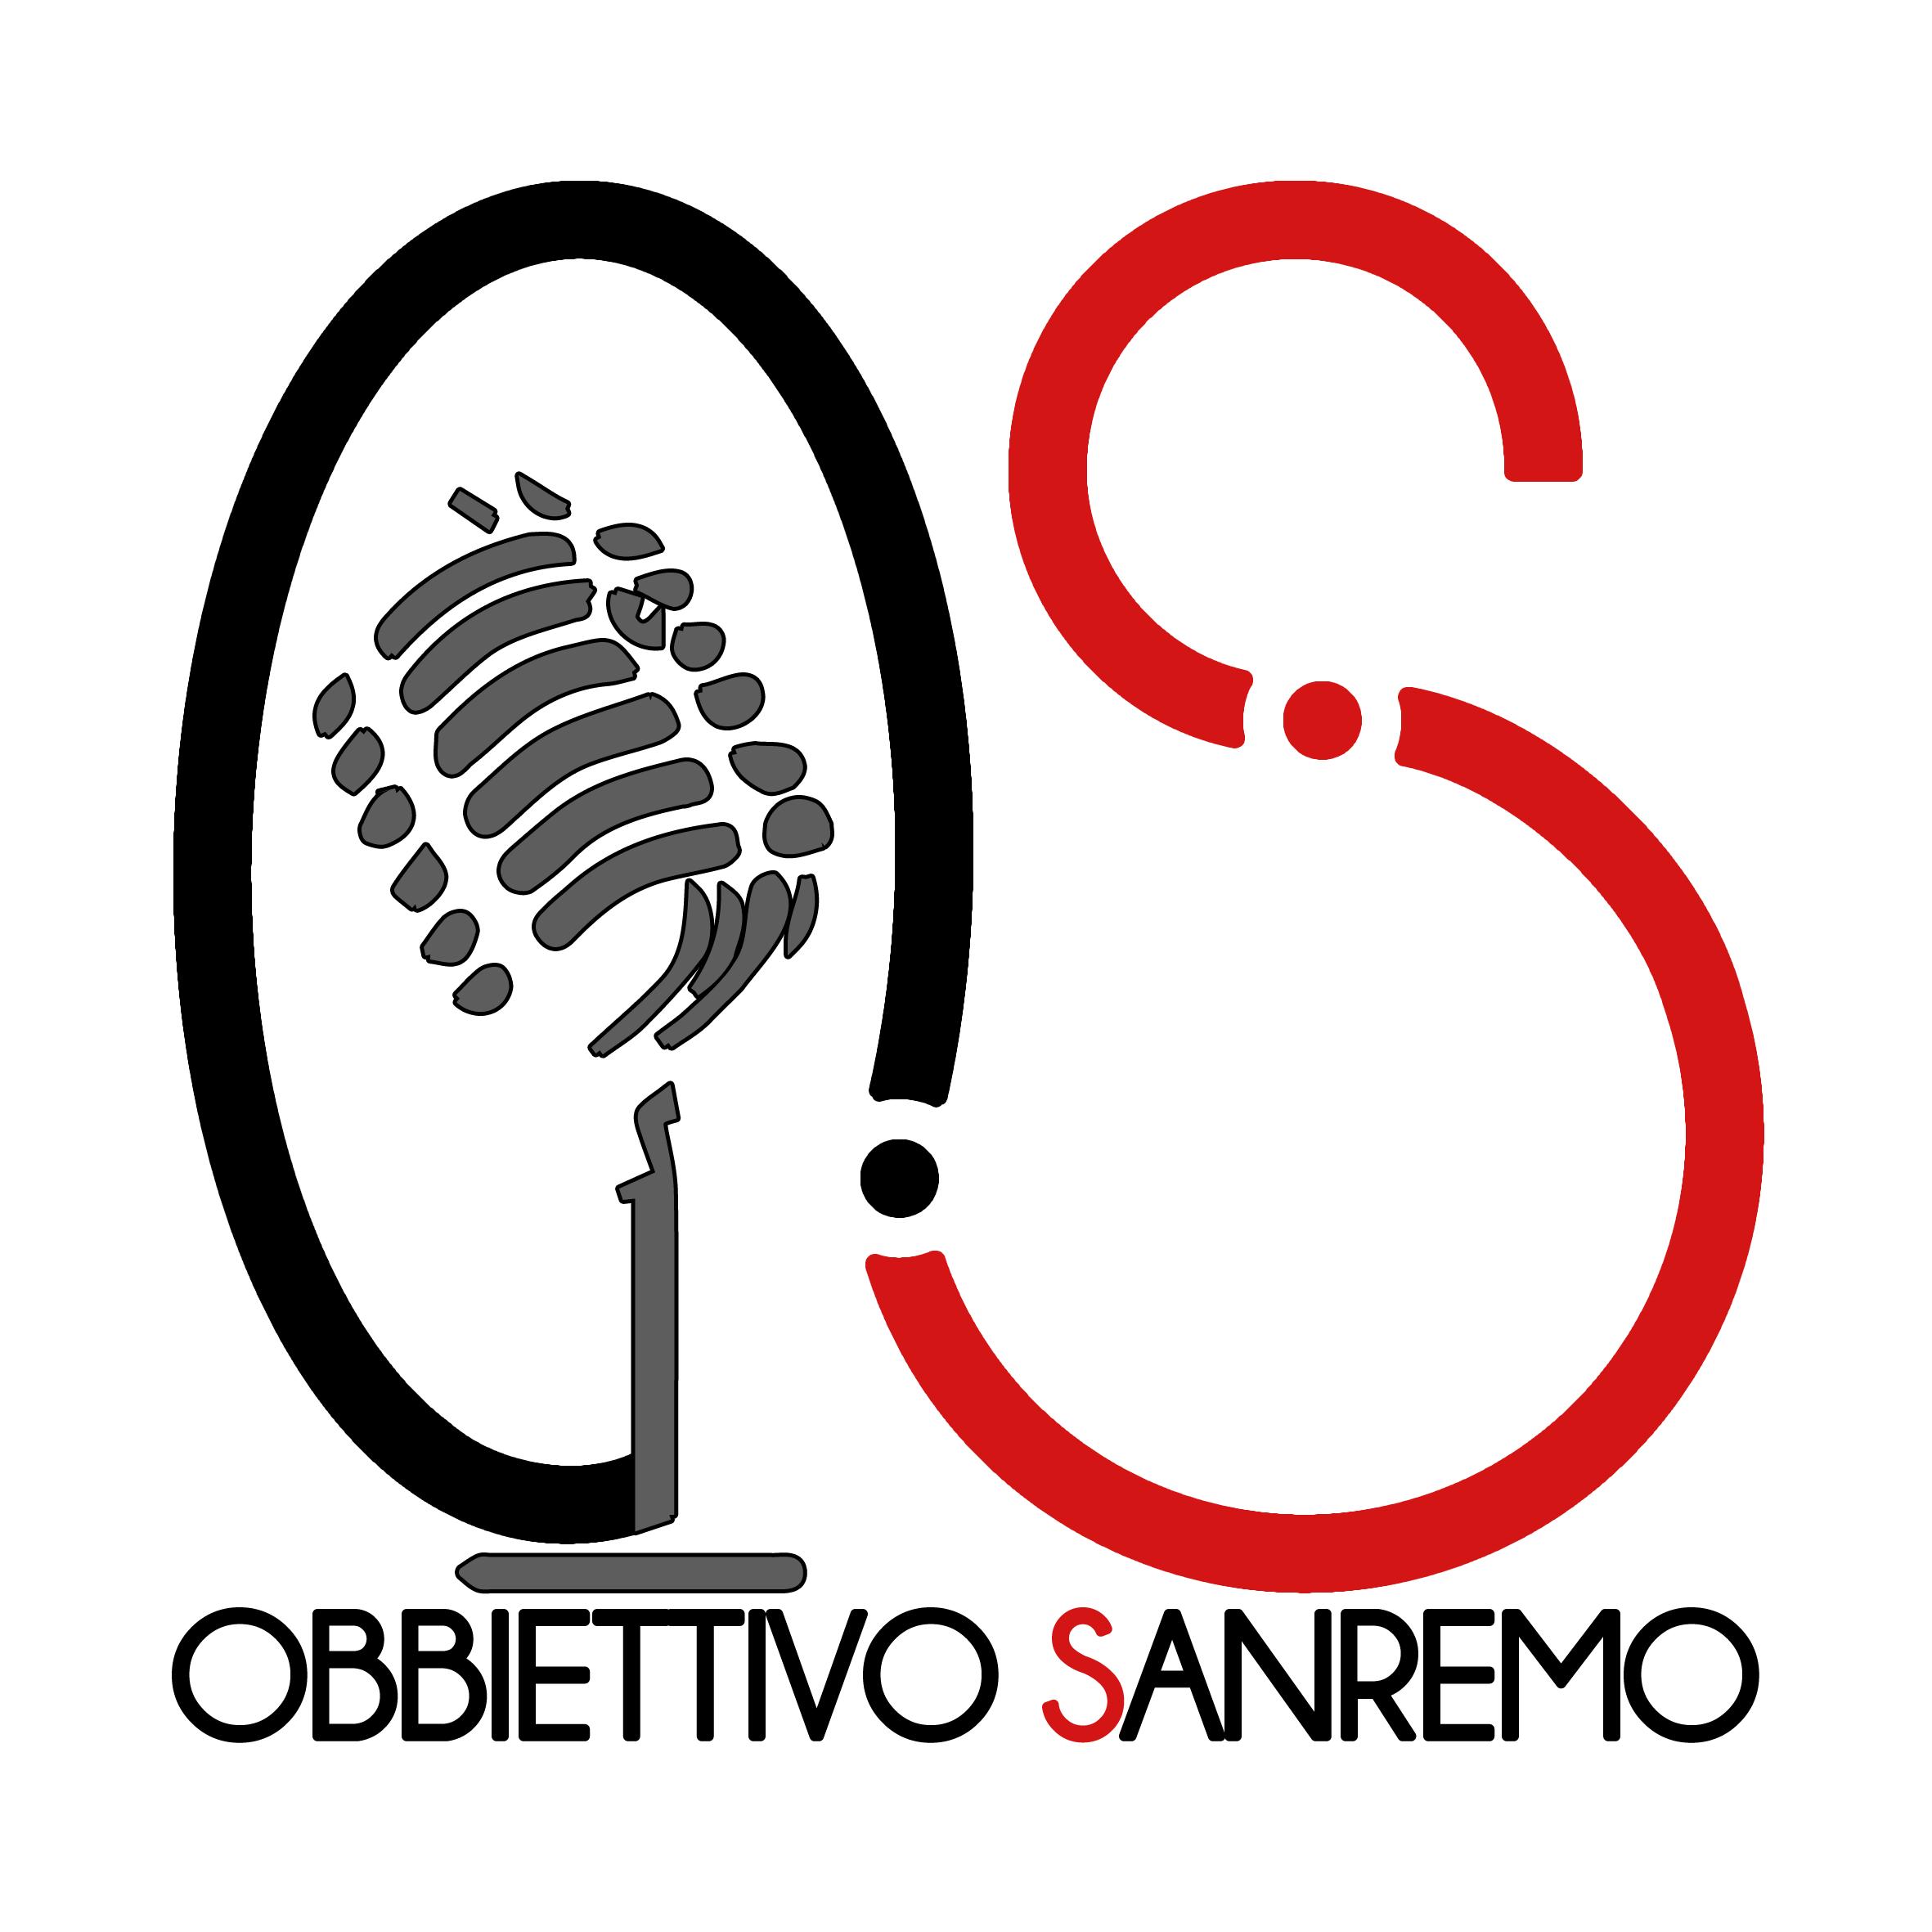 Obbiettivo Sanremo